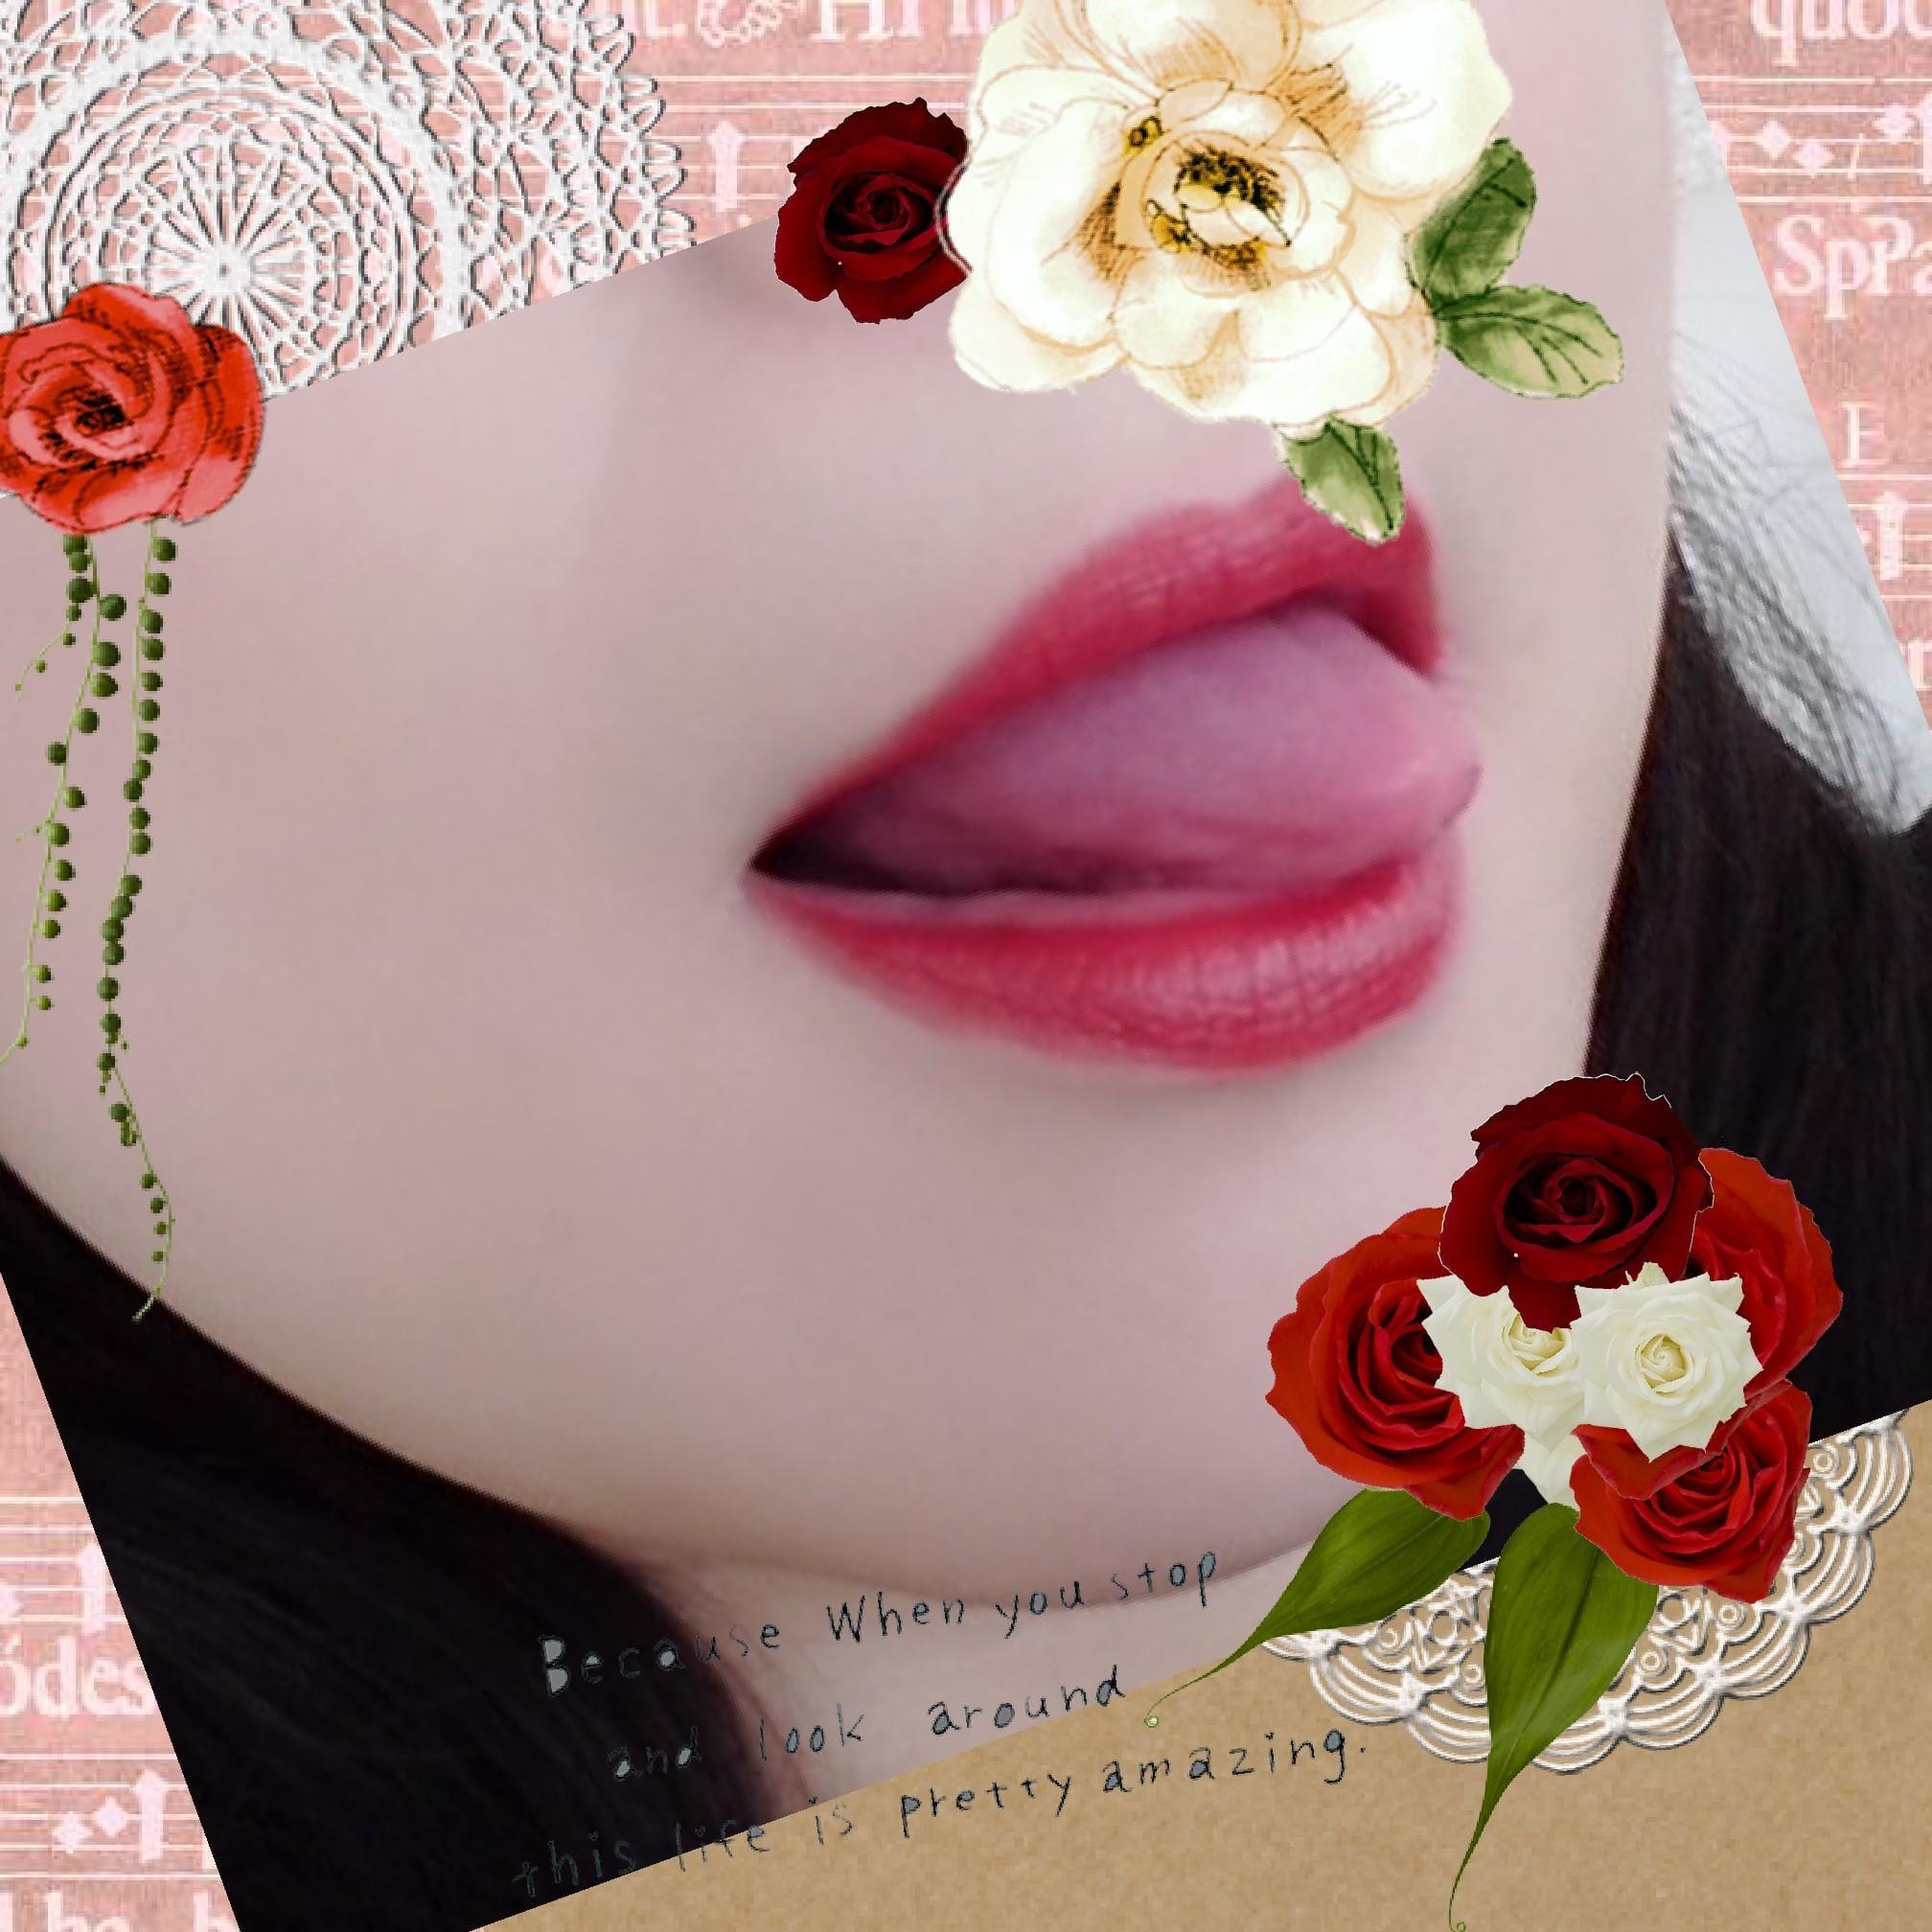 「おれい」12/09日(日) 18:56 | ちはるの写メ・風俗動画